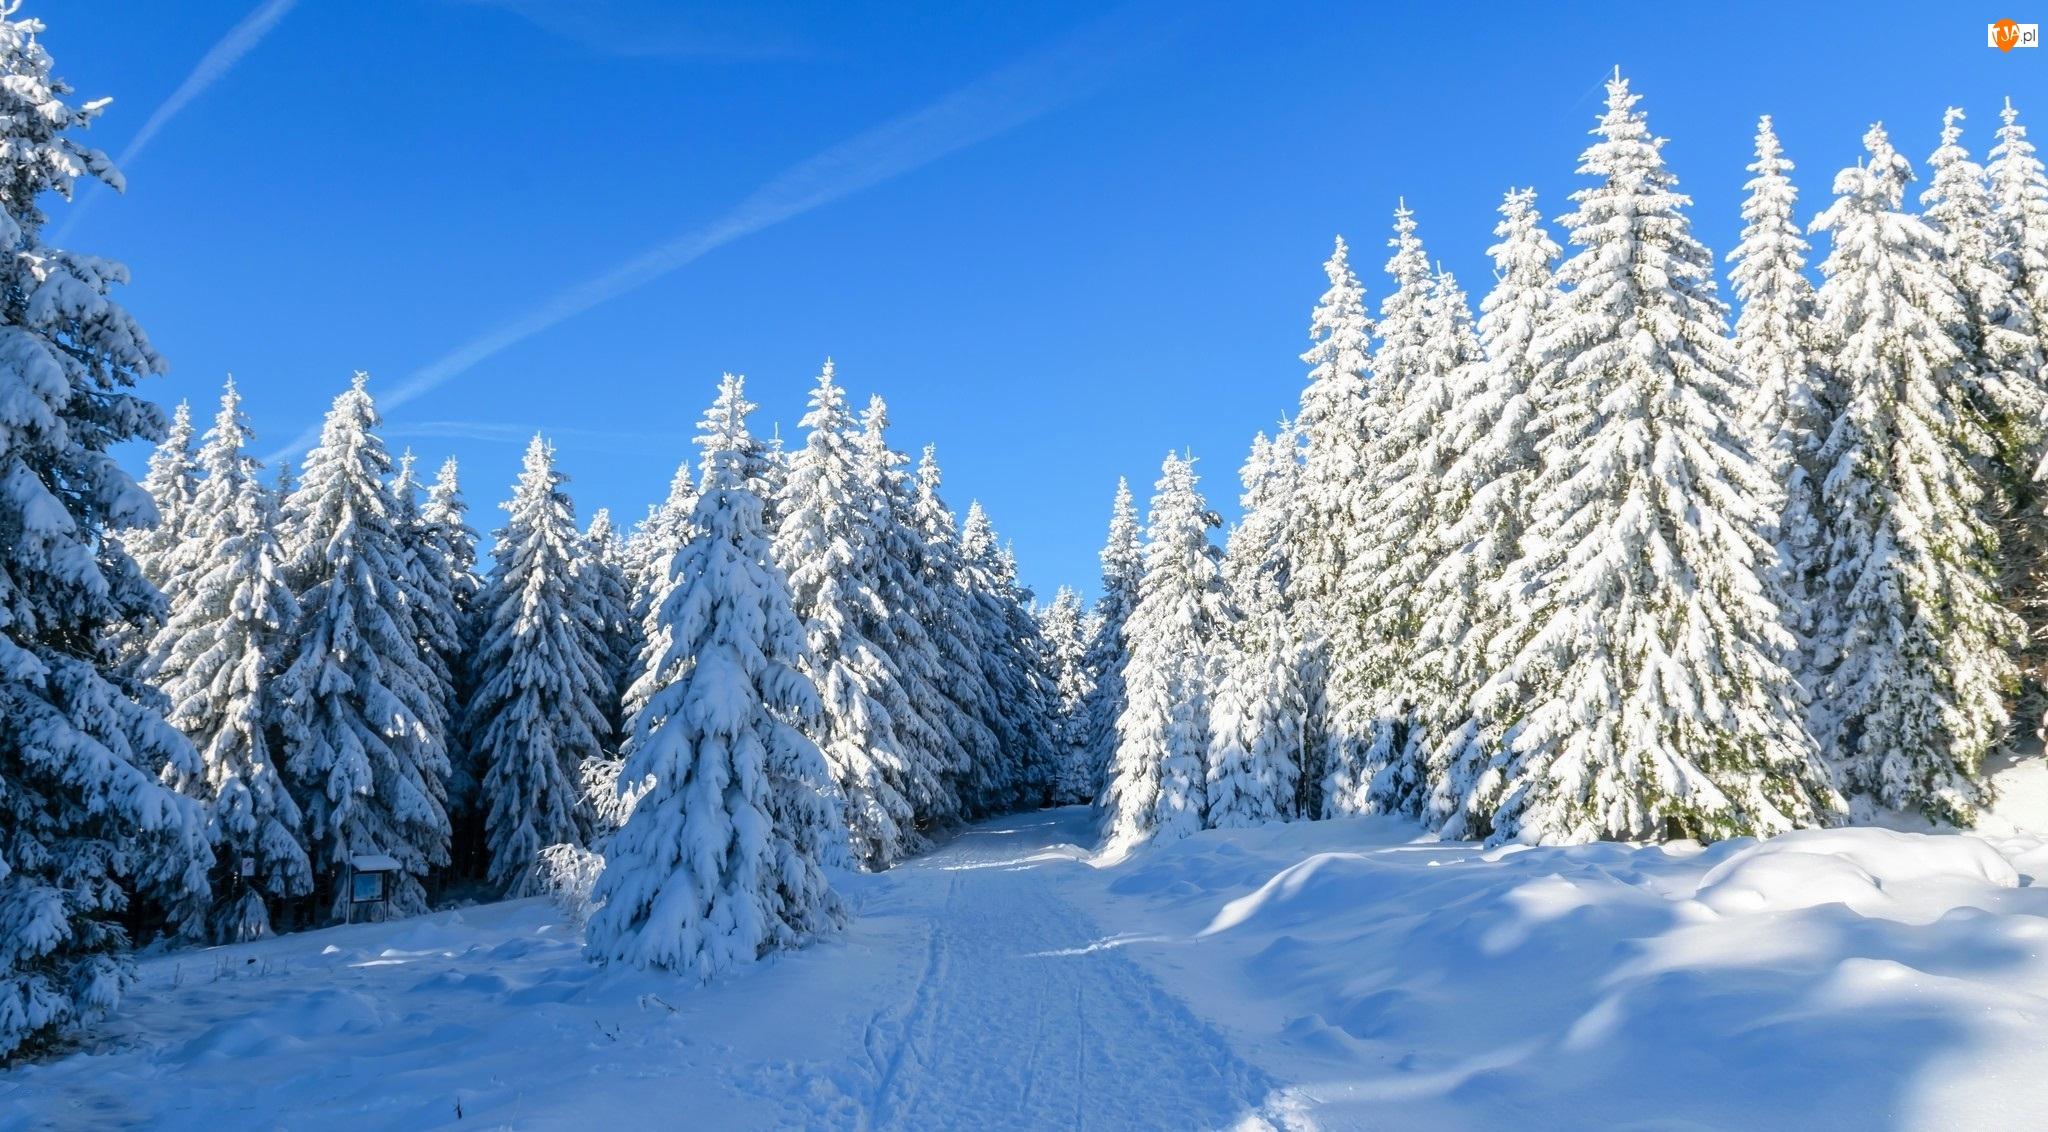 Śnieg, Zima, Świerki, Las, Ścieżka